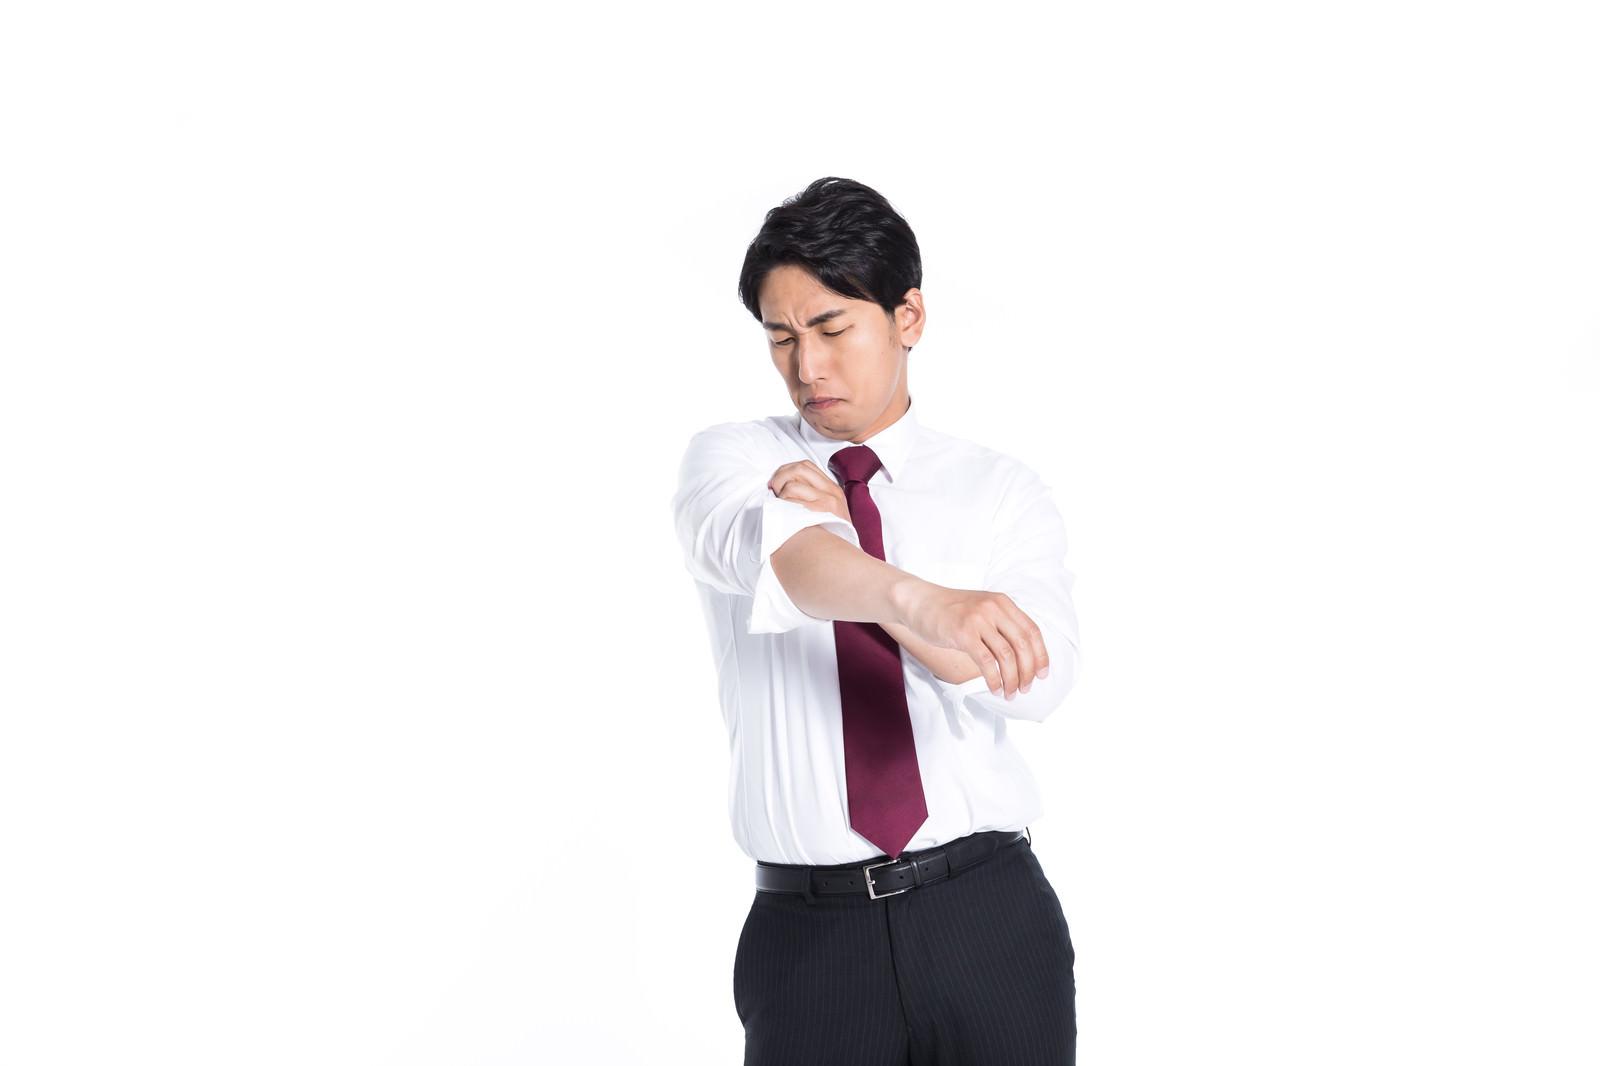 「腕まくりしながらさりげなく脇の臭いをチェックする会社員」の写真[モデル:大川竜弥]